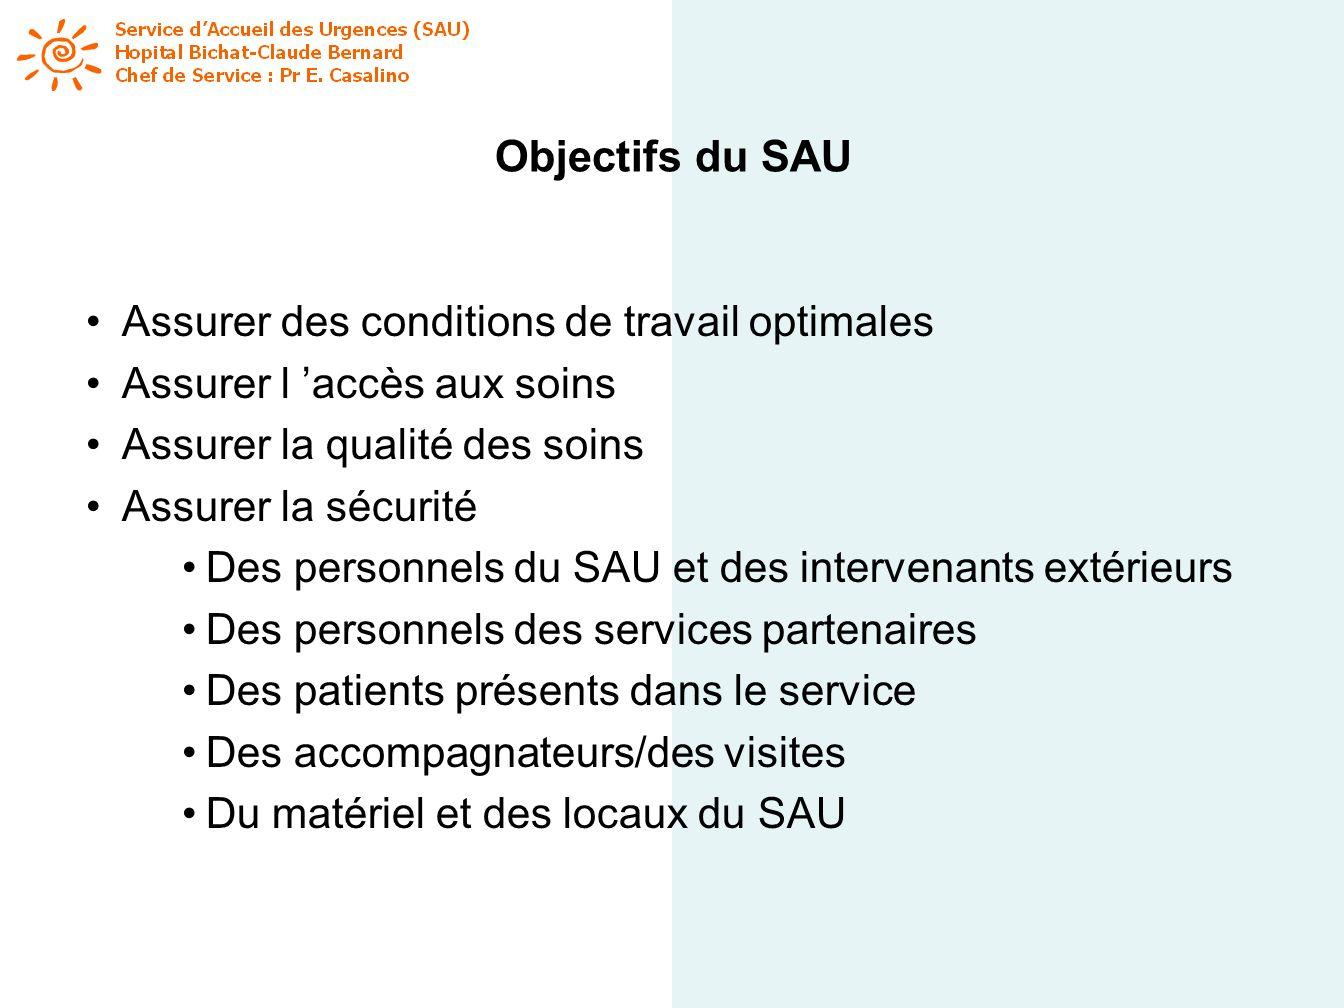 Objectifs du SAU Assurer des conditions de travail optimales Assurer l accès aux soins Assurer la qualité des soins Assurer la sécurité Des personnels